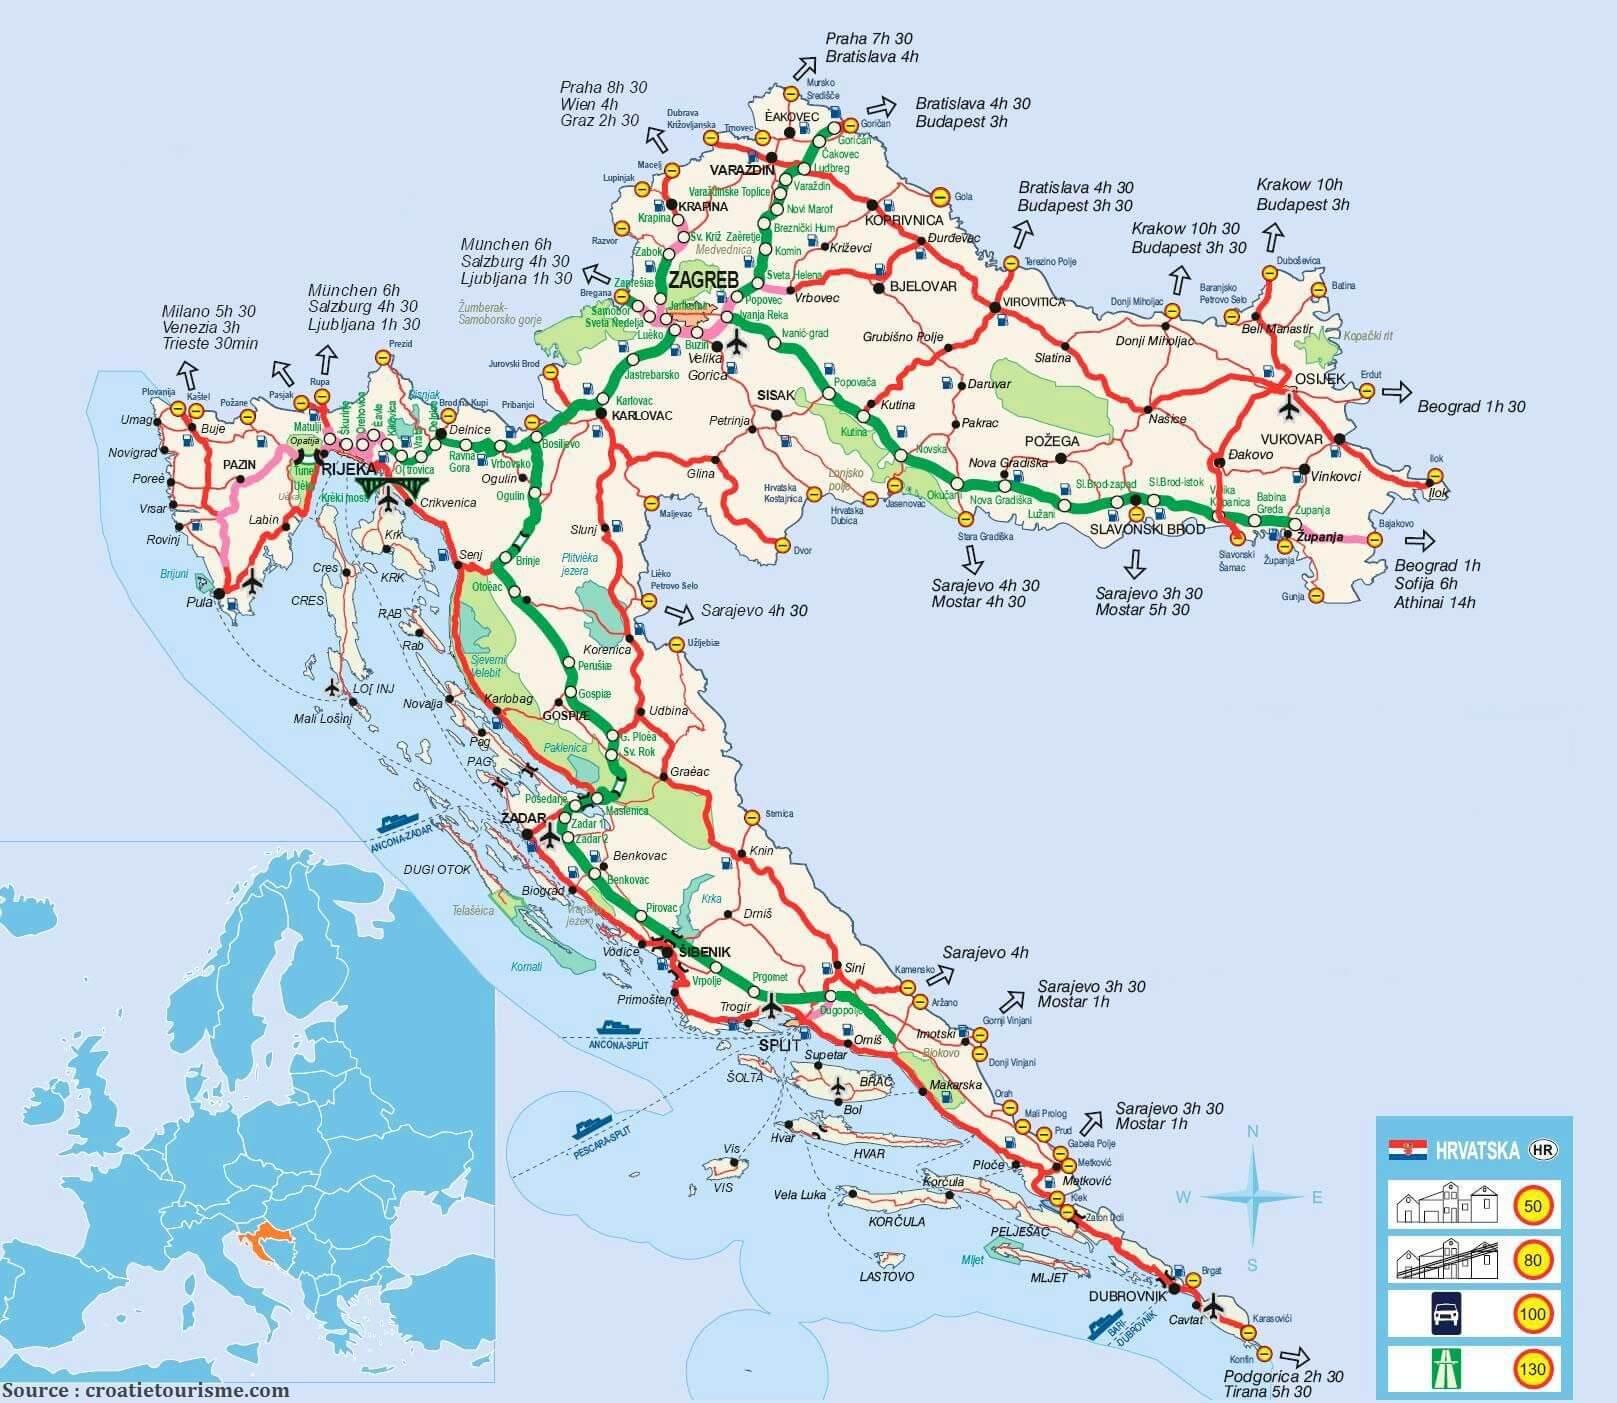 carte croatie transports